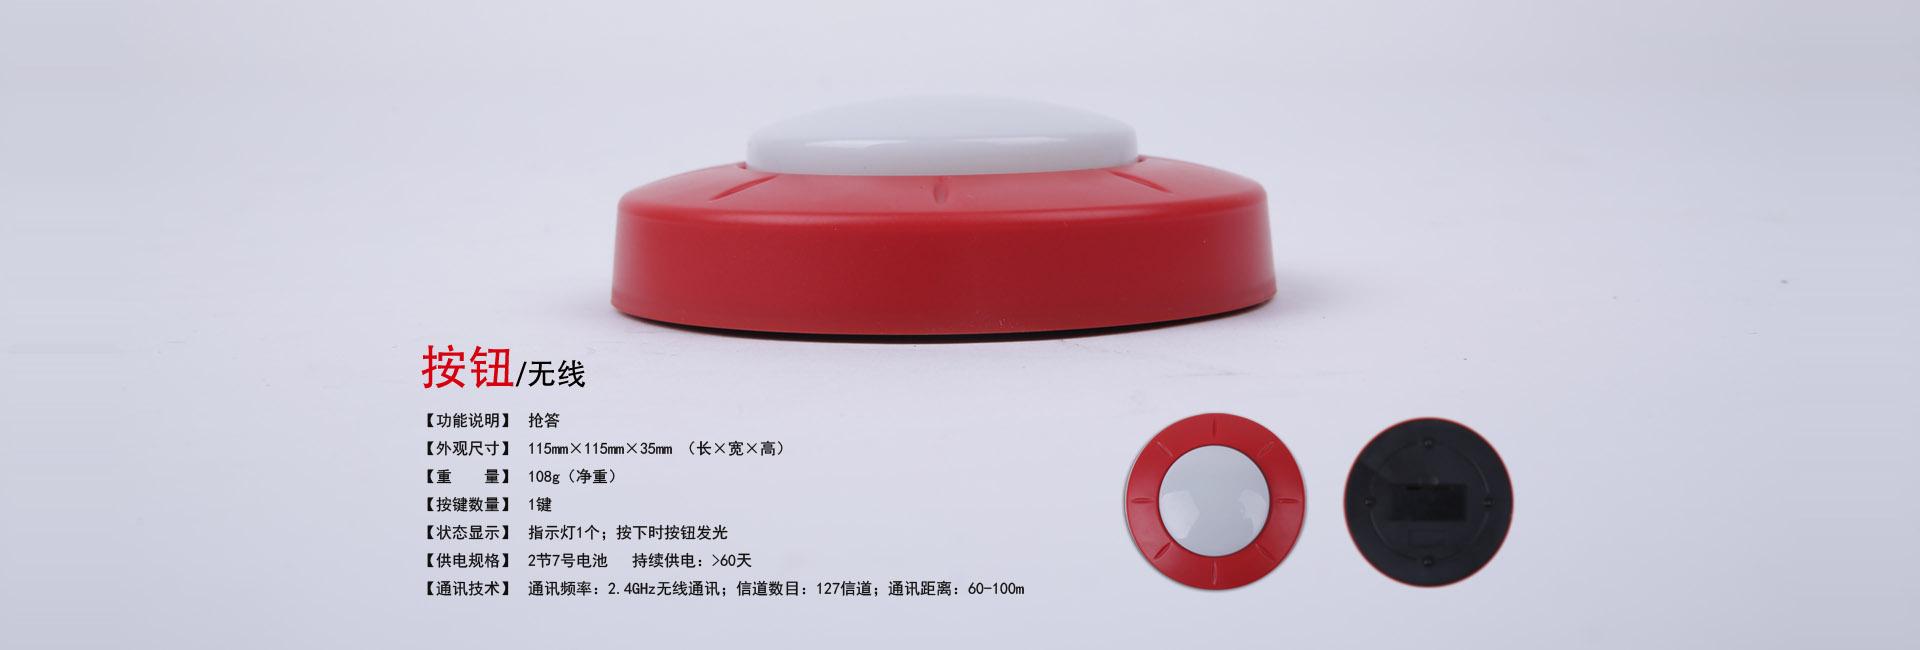 Product_anliu1.jpg